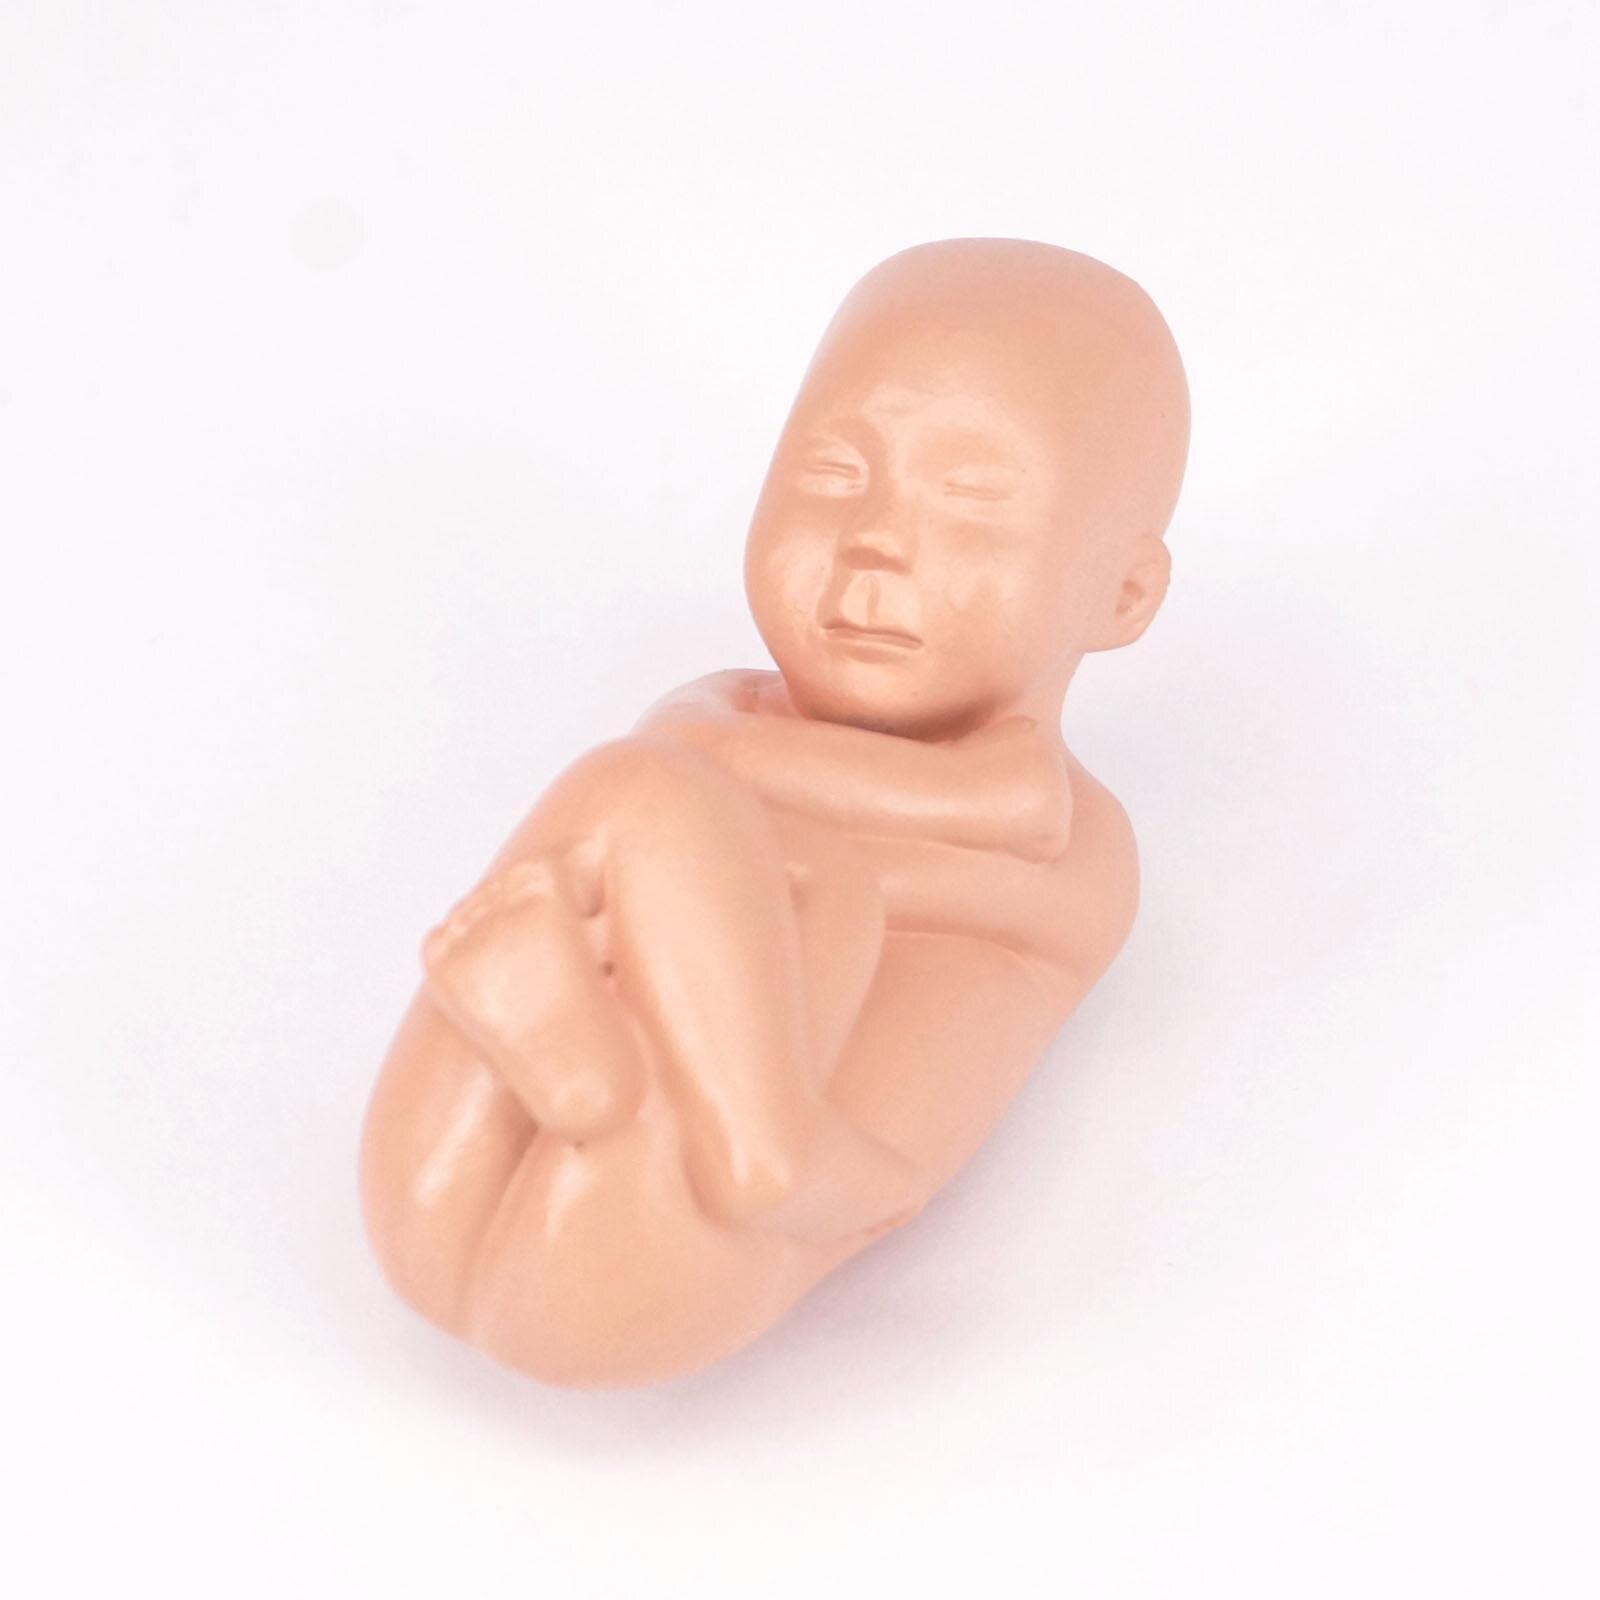 Menschlichen Weibliche Becken Abschnitt Schwangerschaft Anatomisches ...